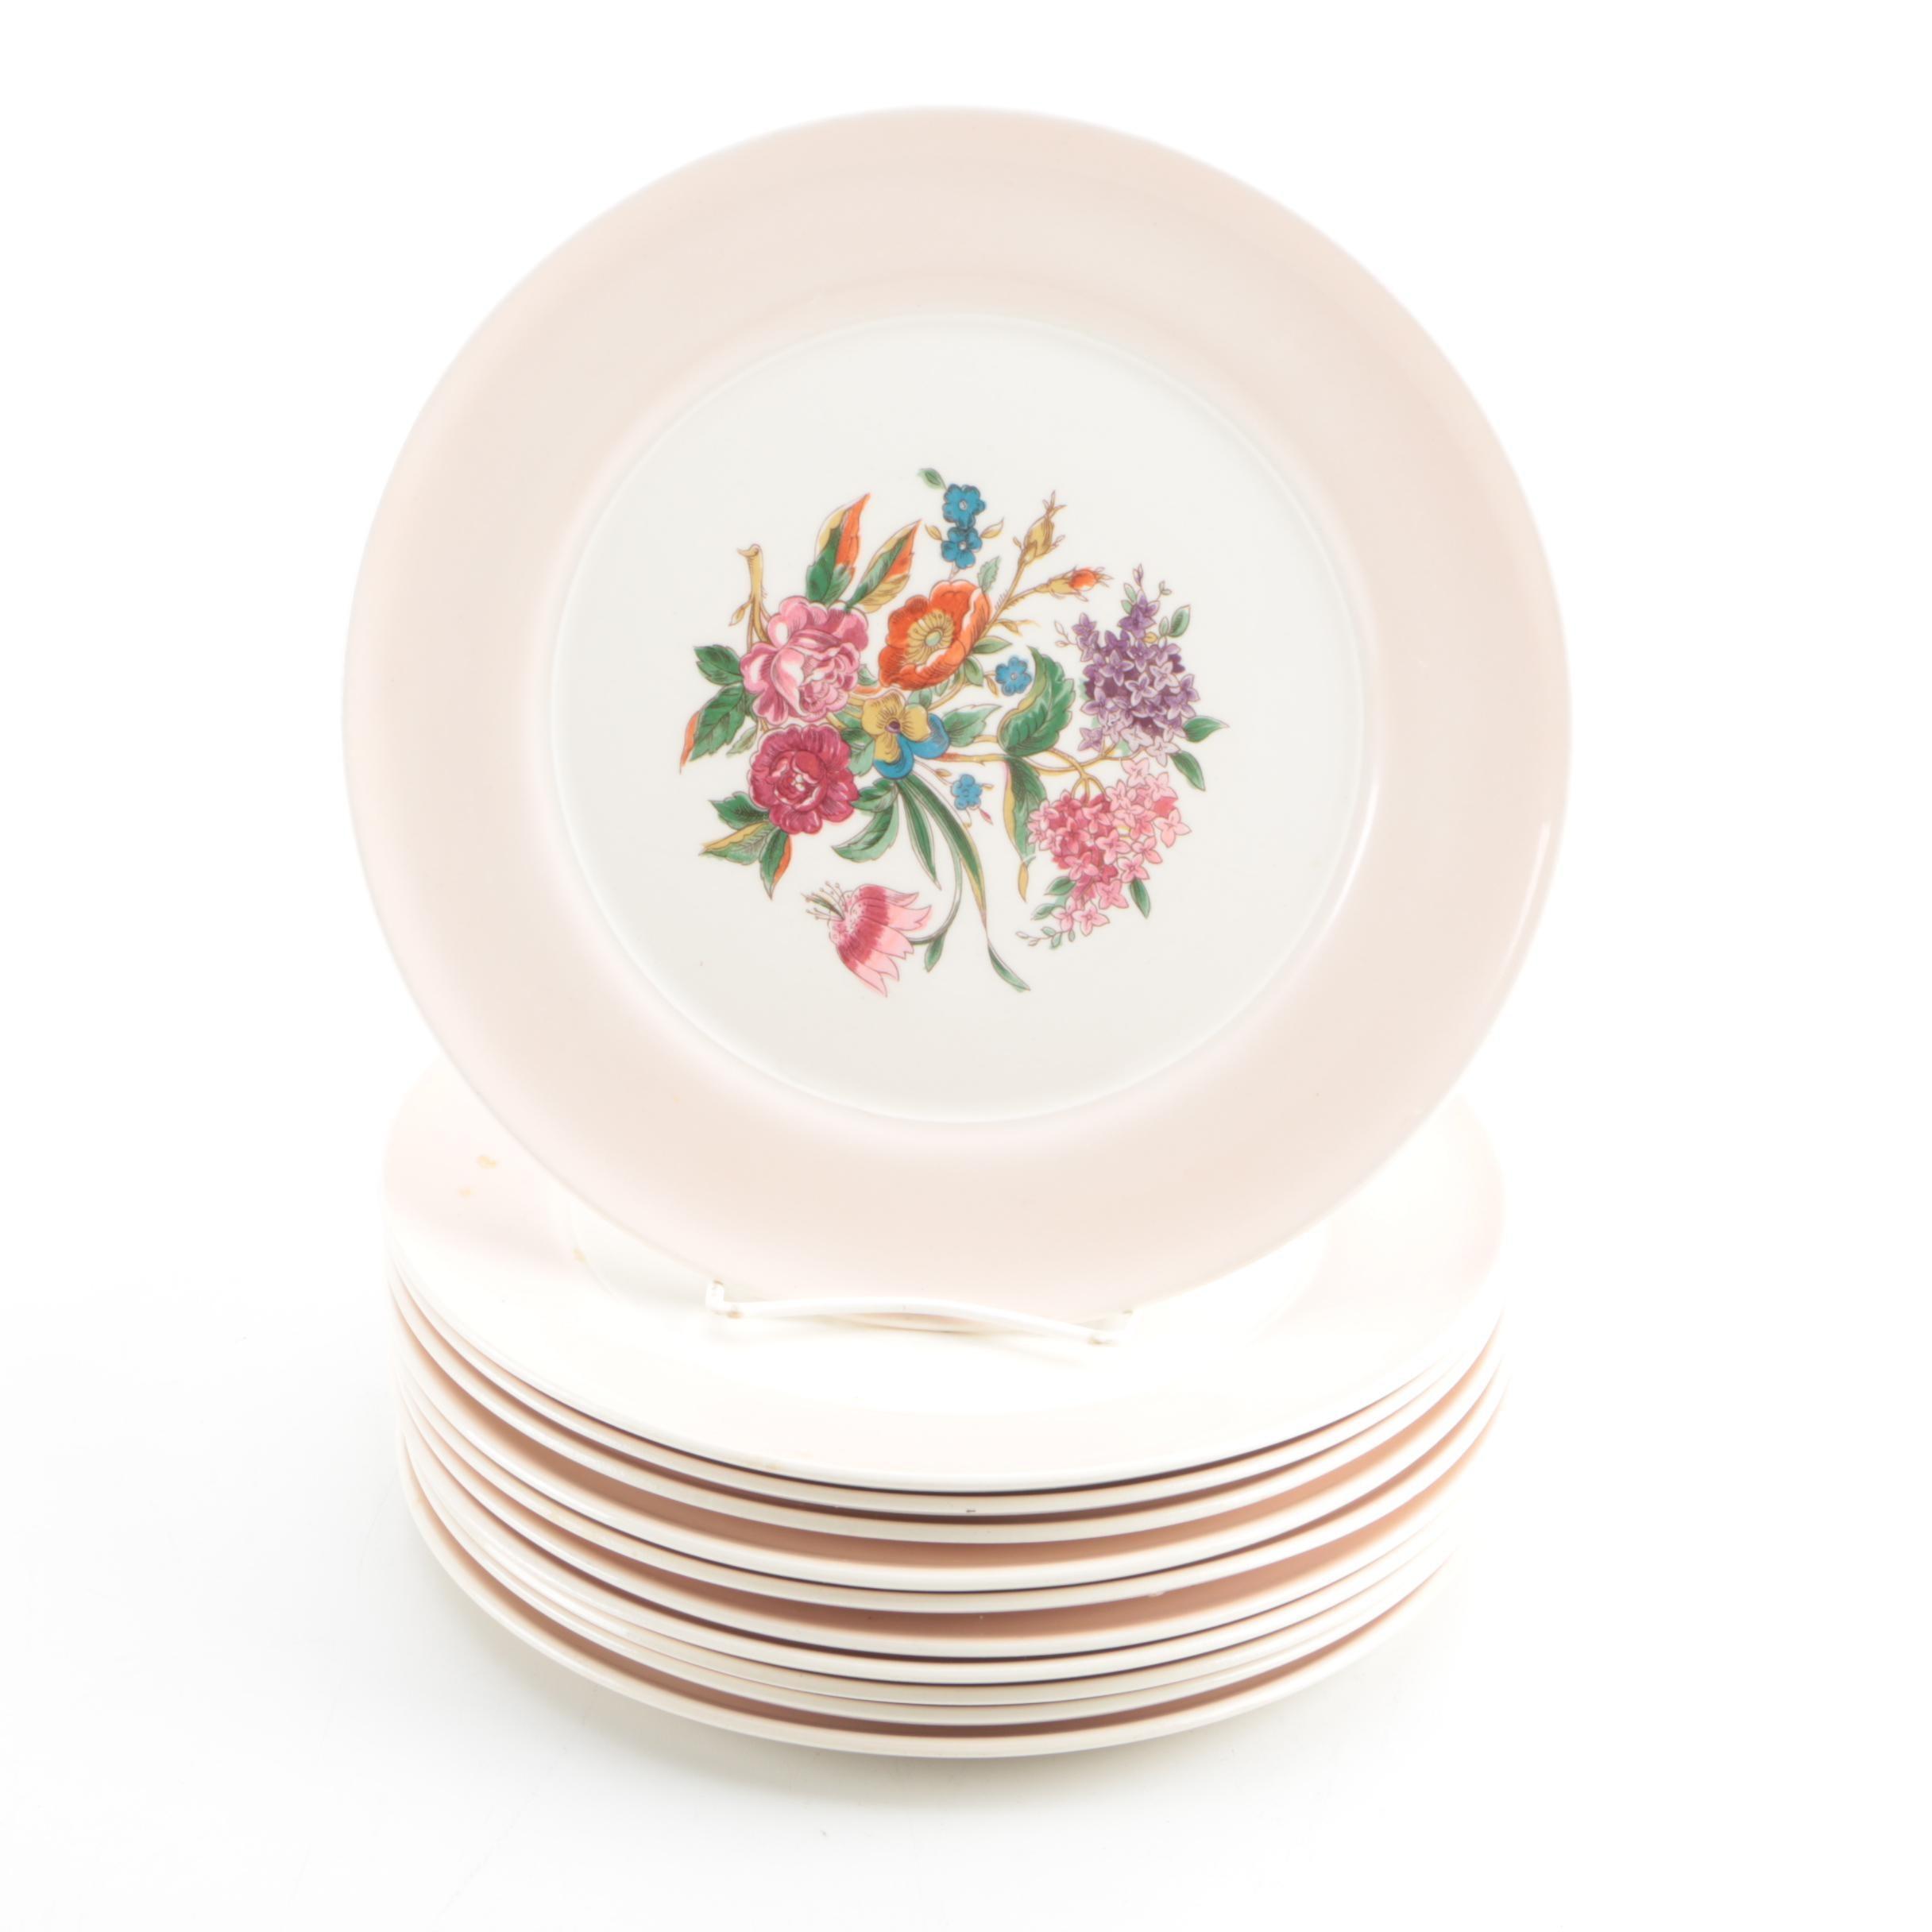 American Limoges \ Coburg\  Cotillion Pink Dinner Plates ...  sc 1 st  EBTH.com & American Limoges \